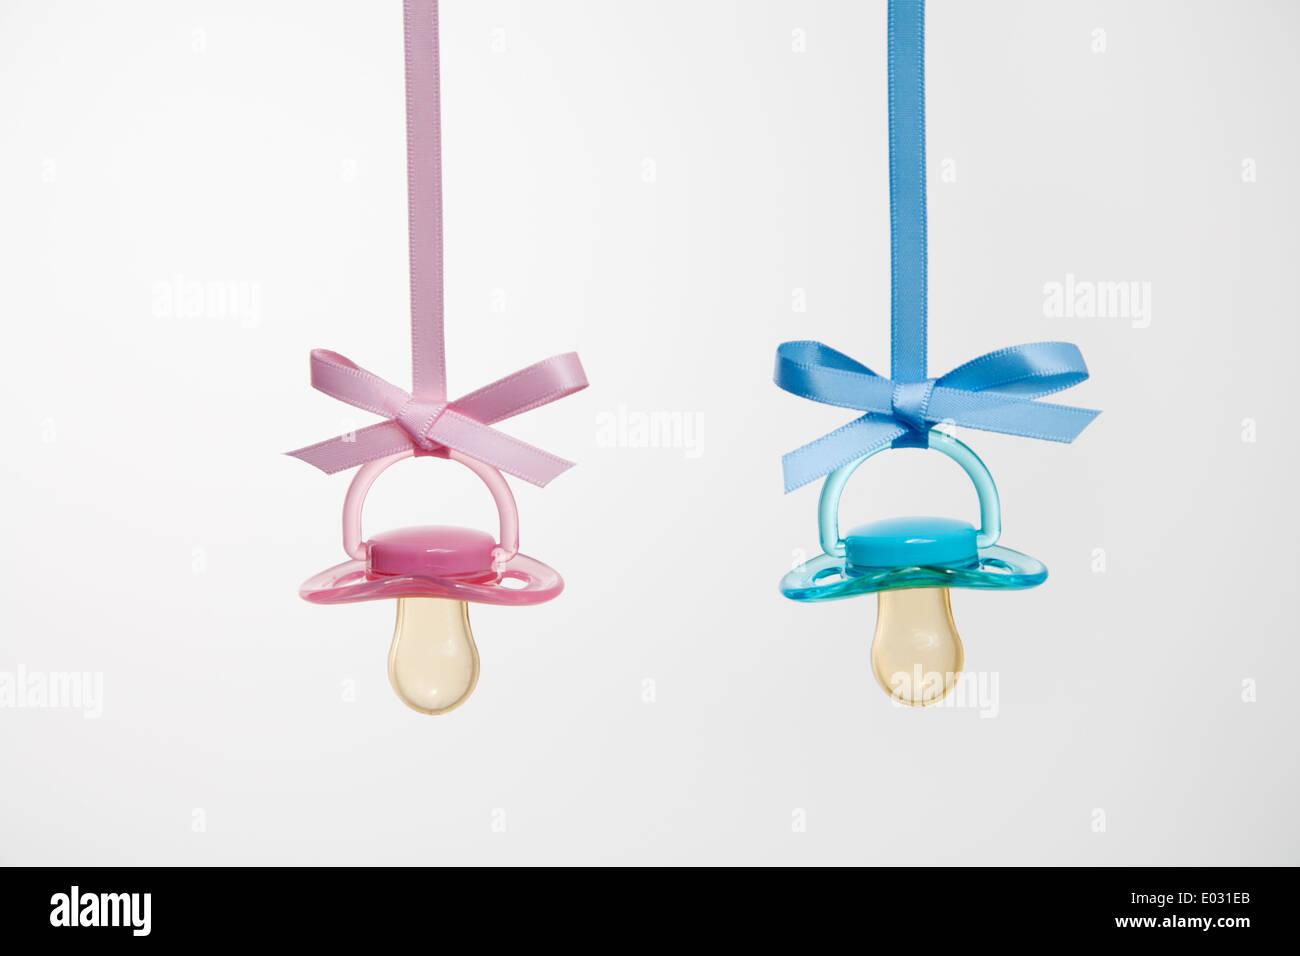 Les sucettes bébé rubans suspendus à l'encontre d'un fond uni. Photo Stock